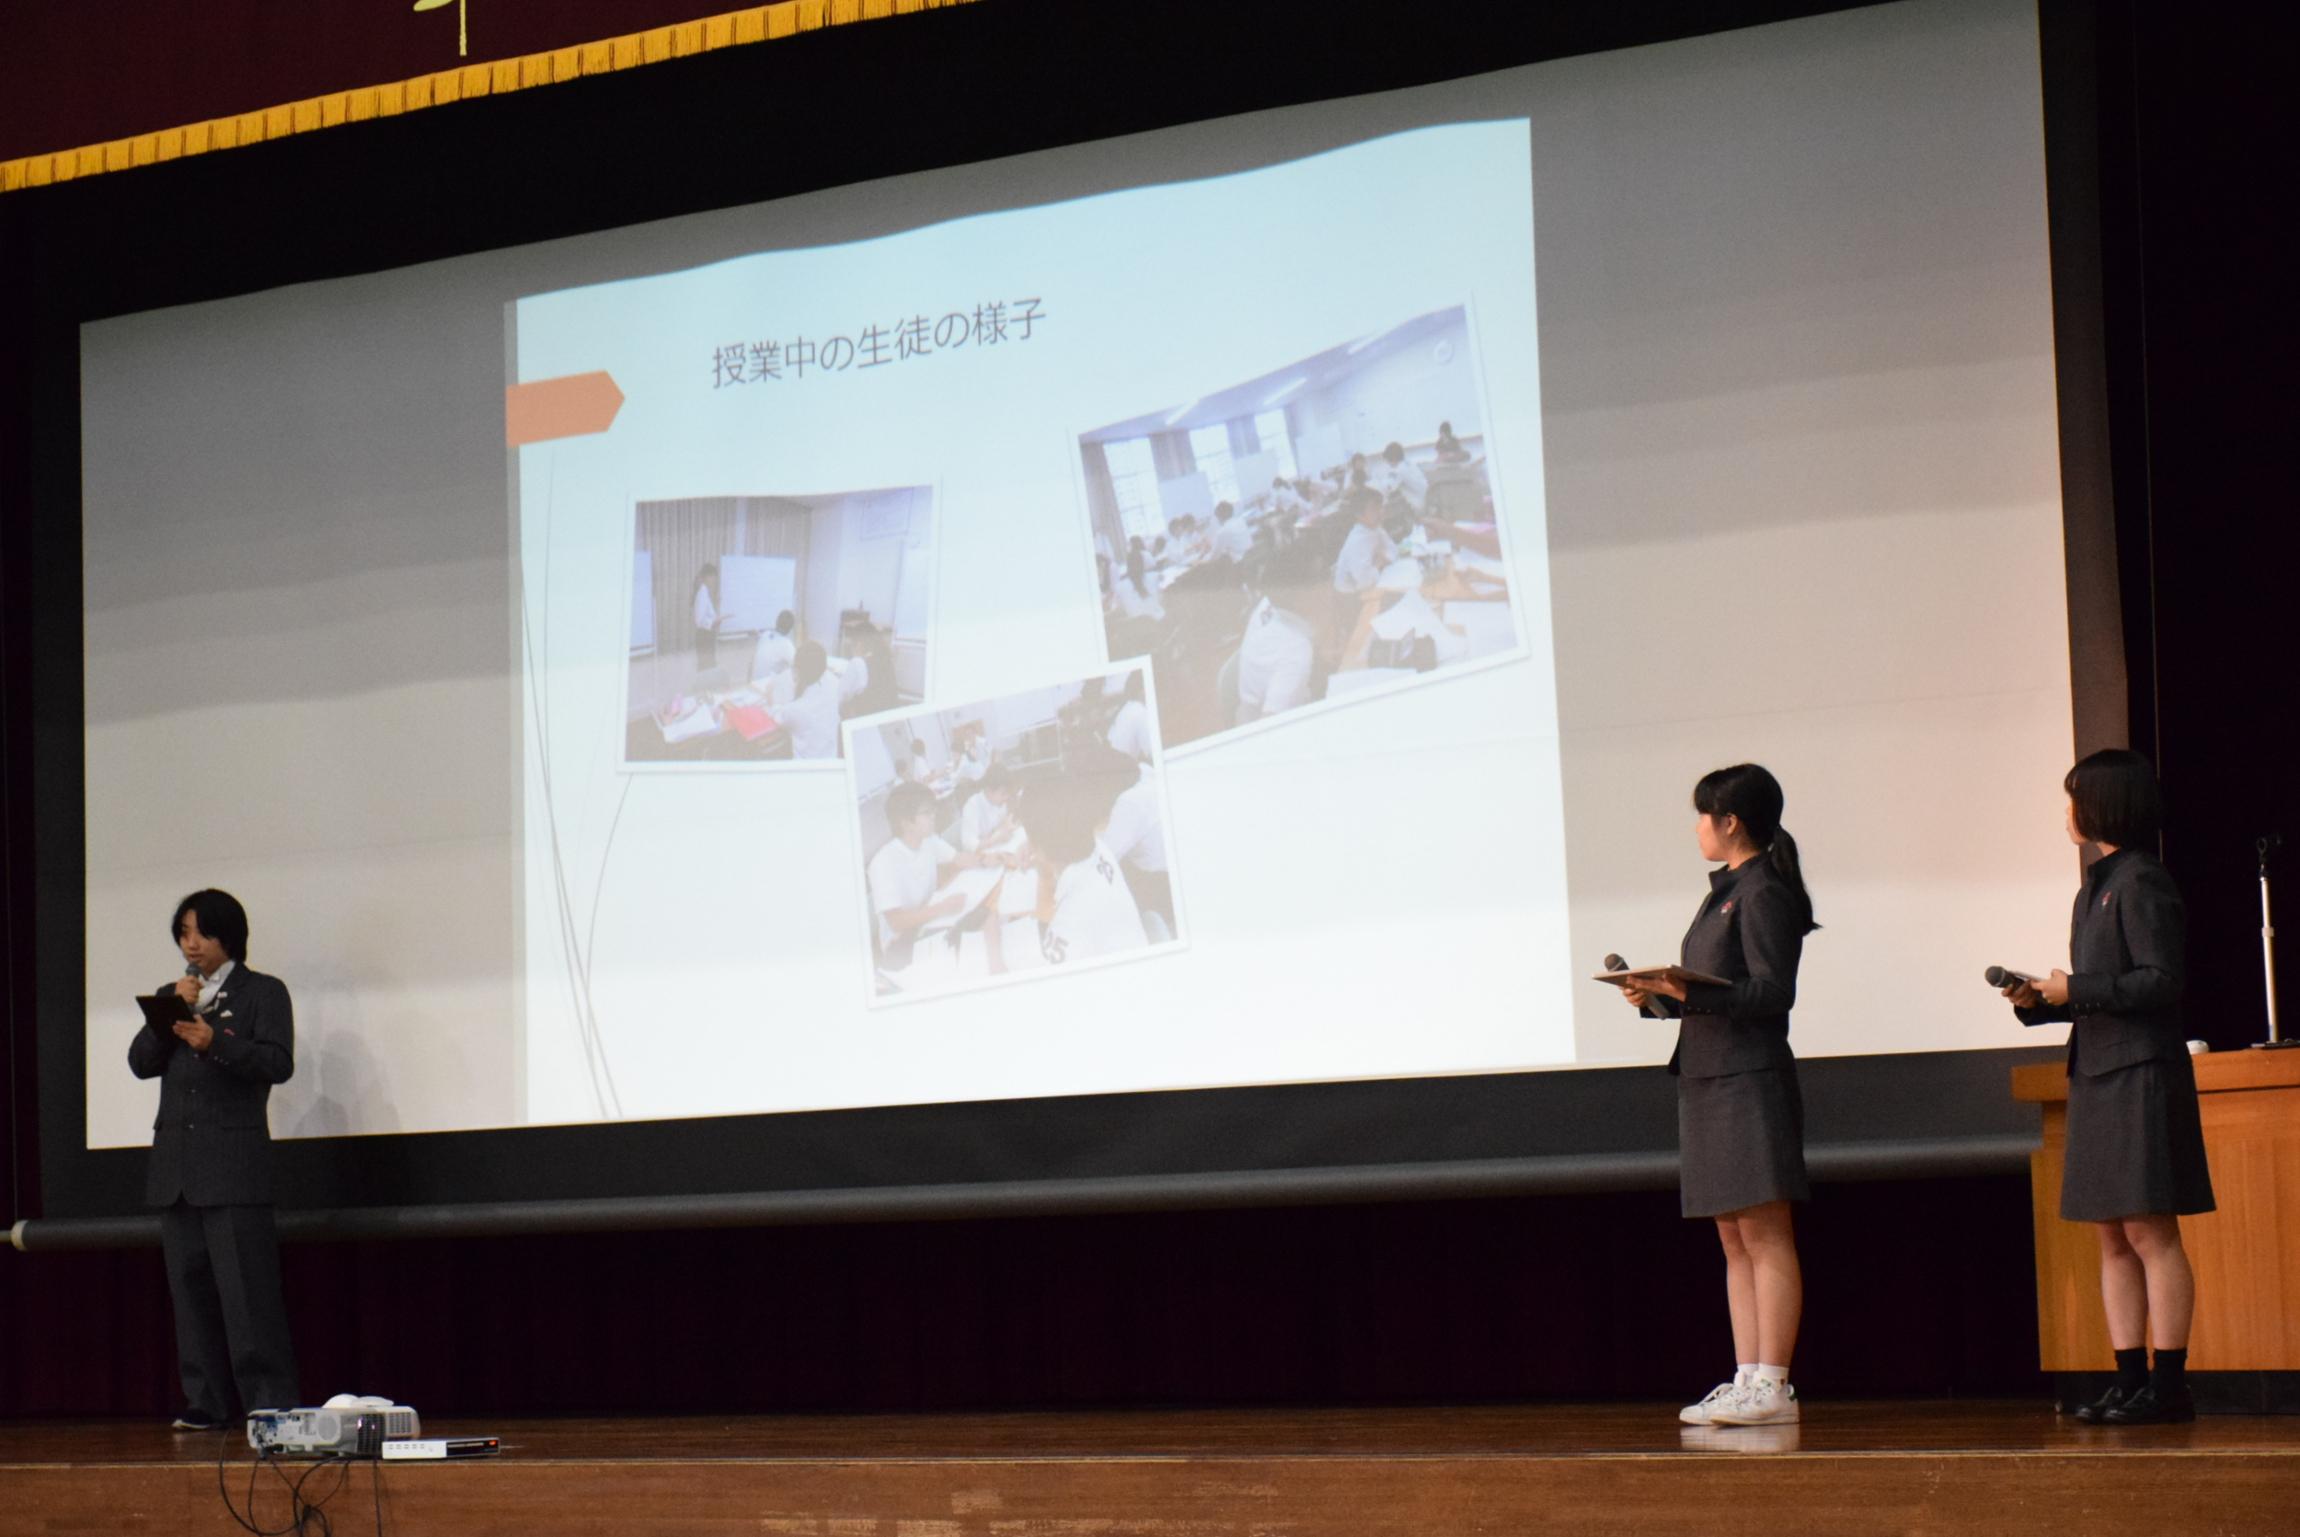 9月30日(土) 授業見学会&学校説明会